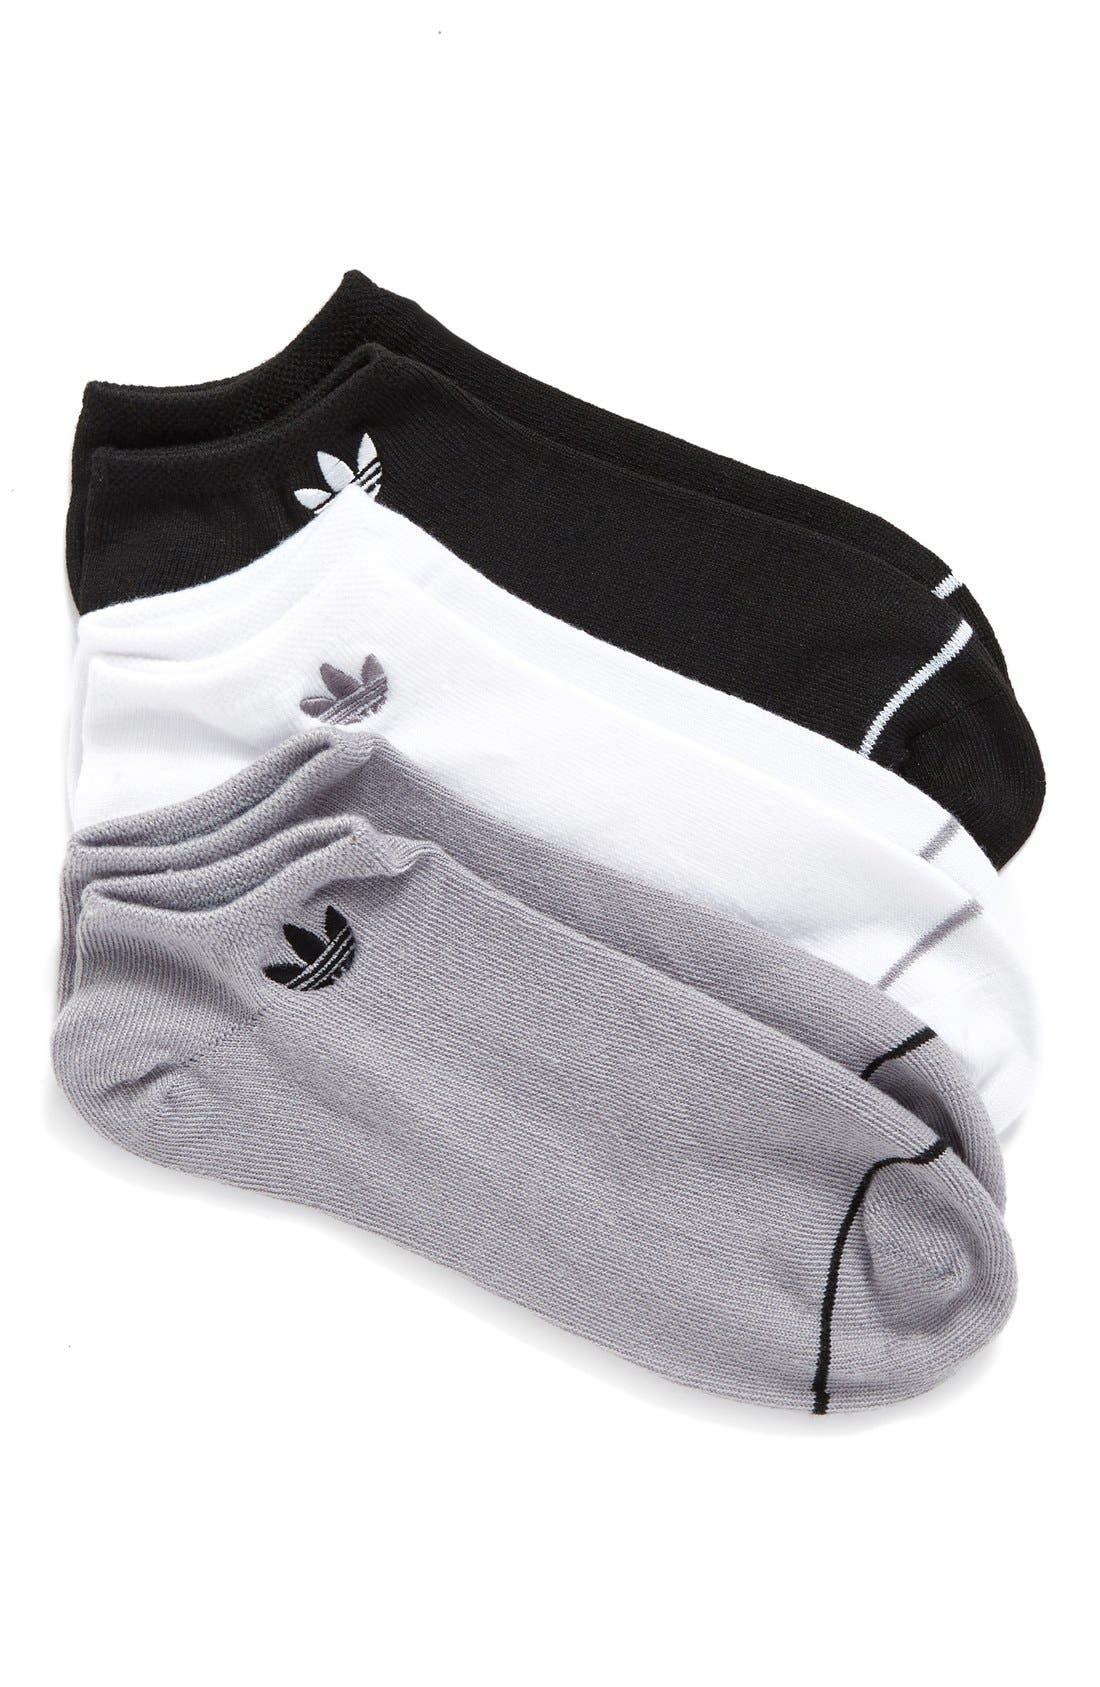 Main Image - adidas Superlite 3-Pack Socks